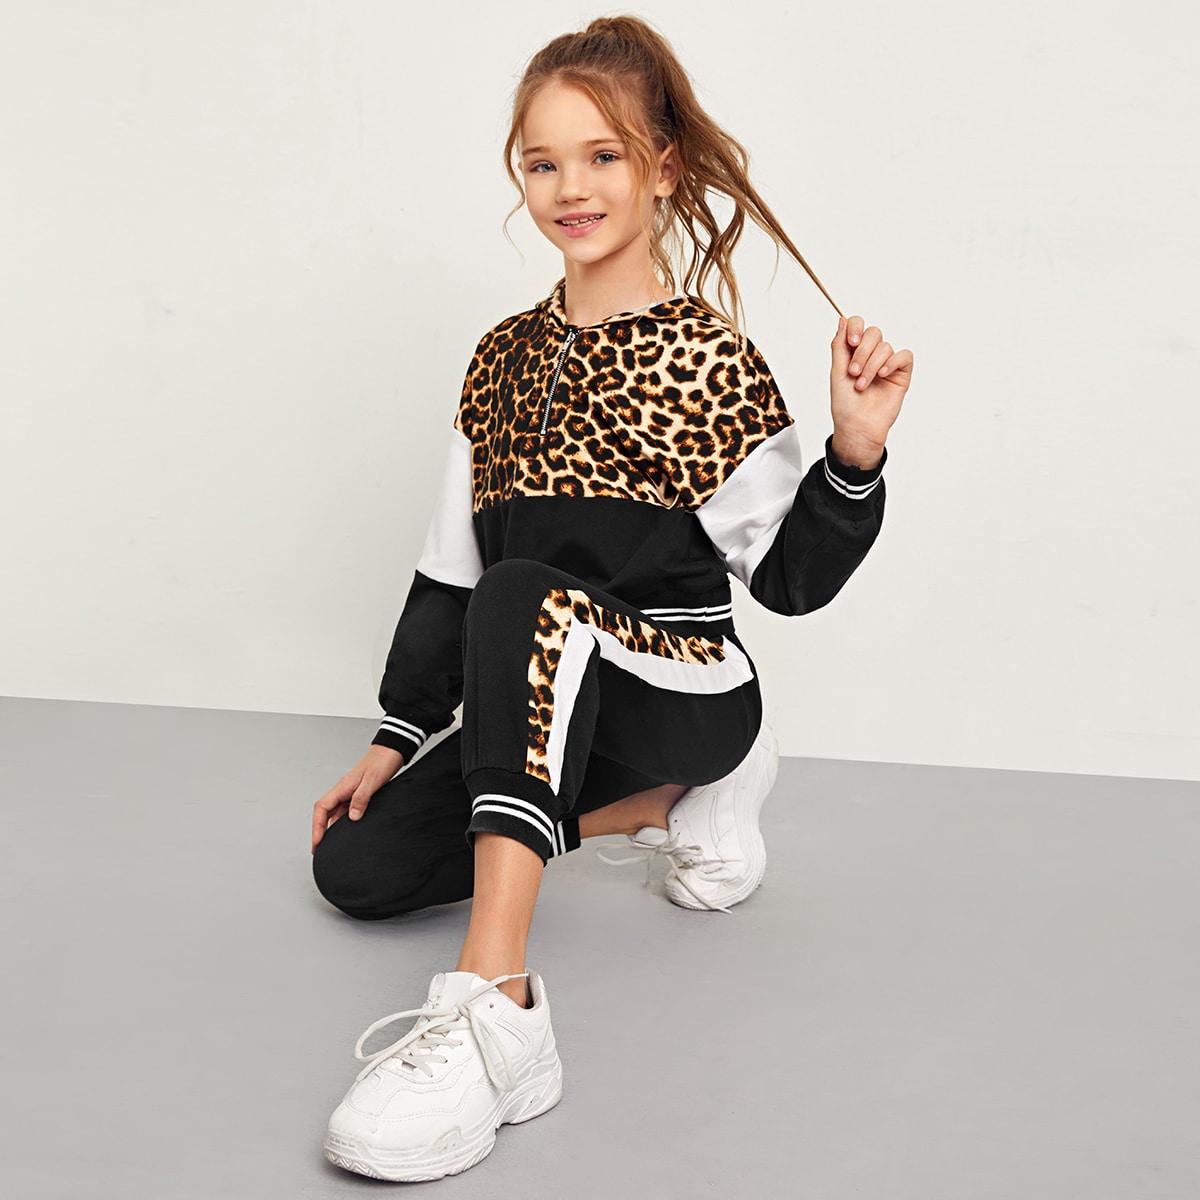 Застежка Леопард Спортивный Комплекты для девочек от SHEIN